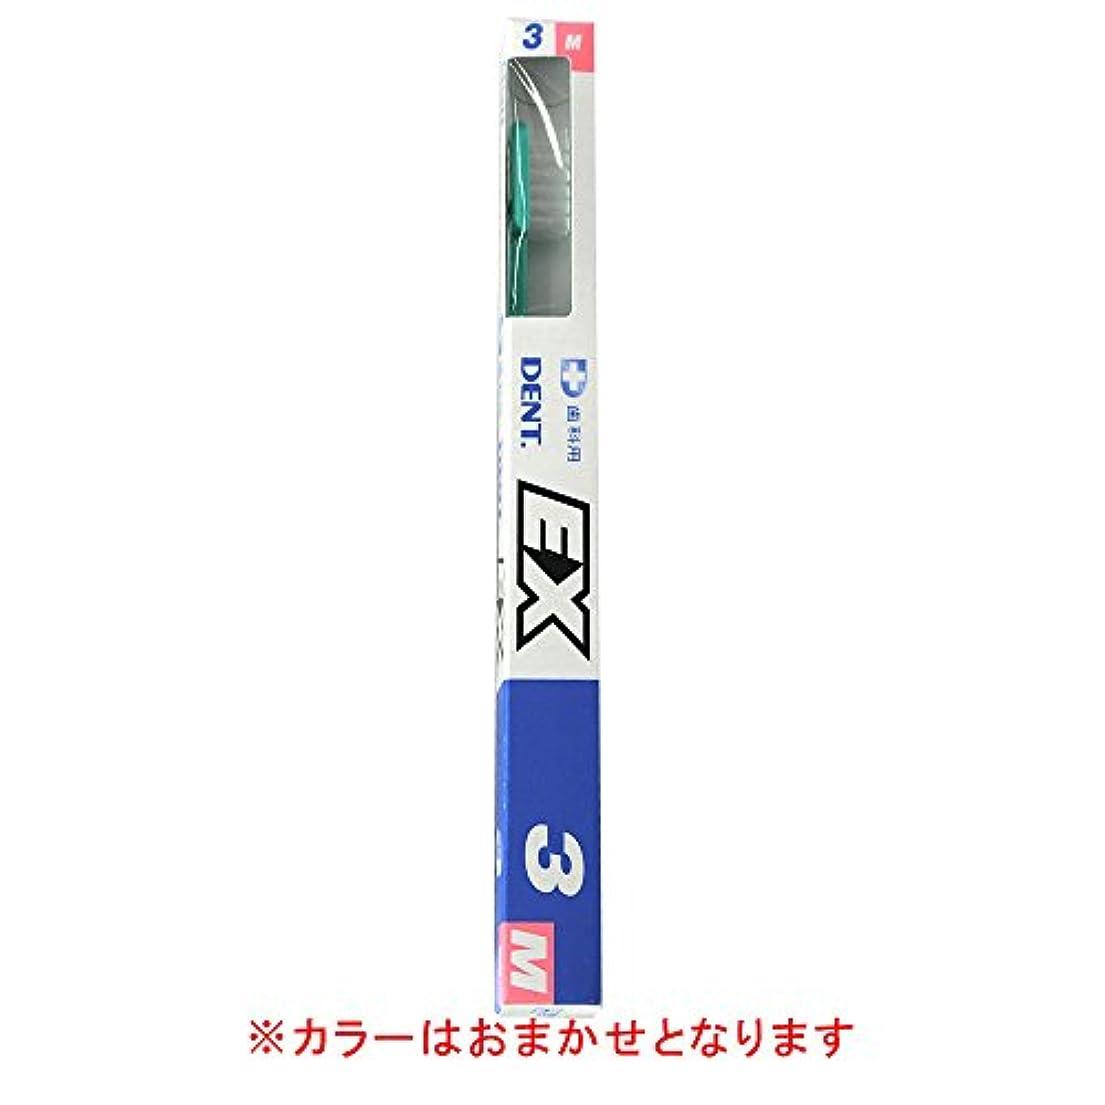 スリンク白鳥ステージライオン DENT.EX3レギュラー 歯ブラシ1本 (毛の硬さ M)